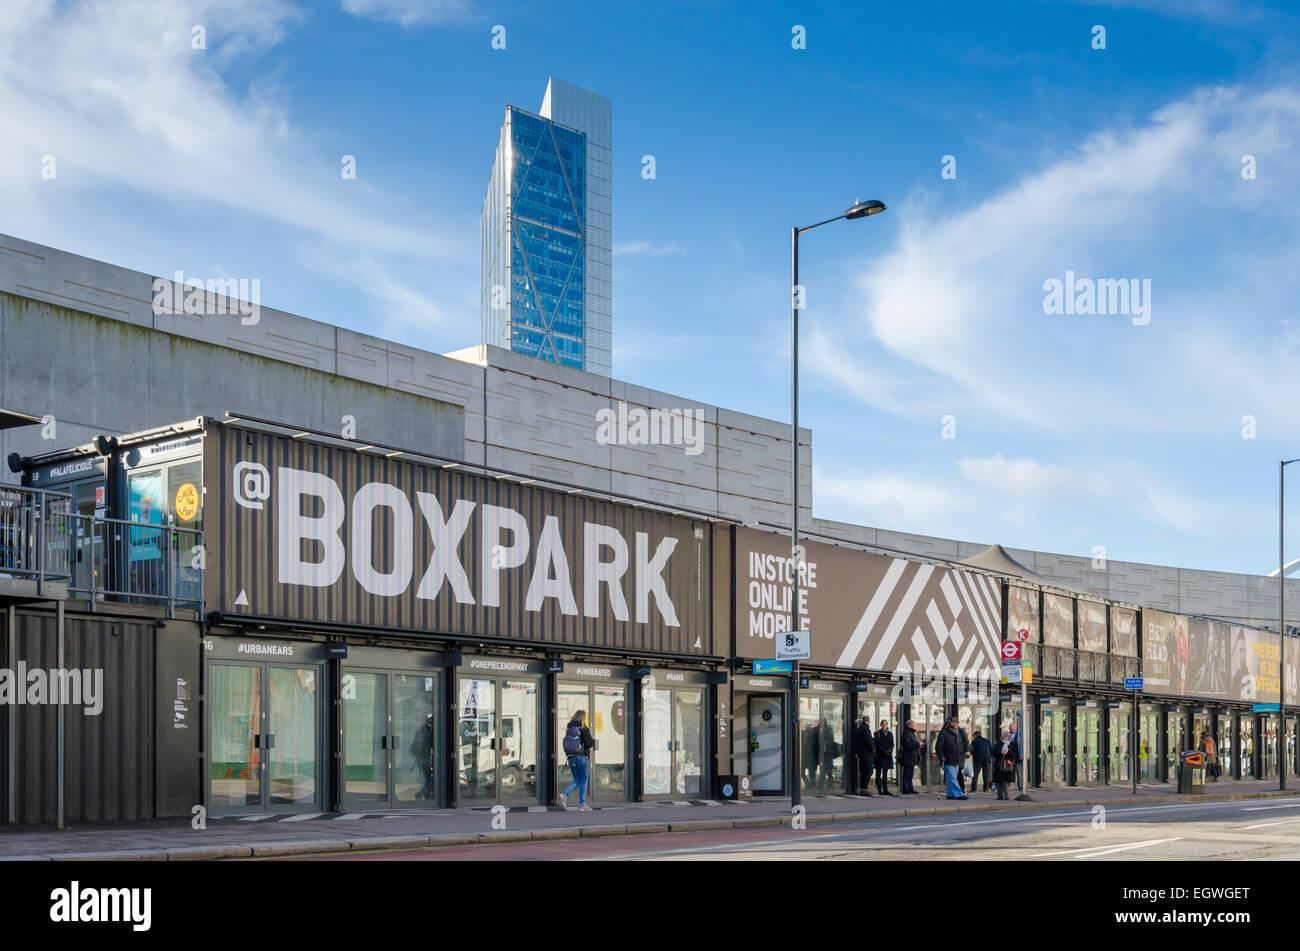 Boxpark, east London, UK - Stock Image